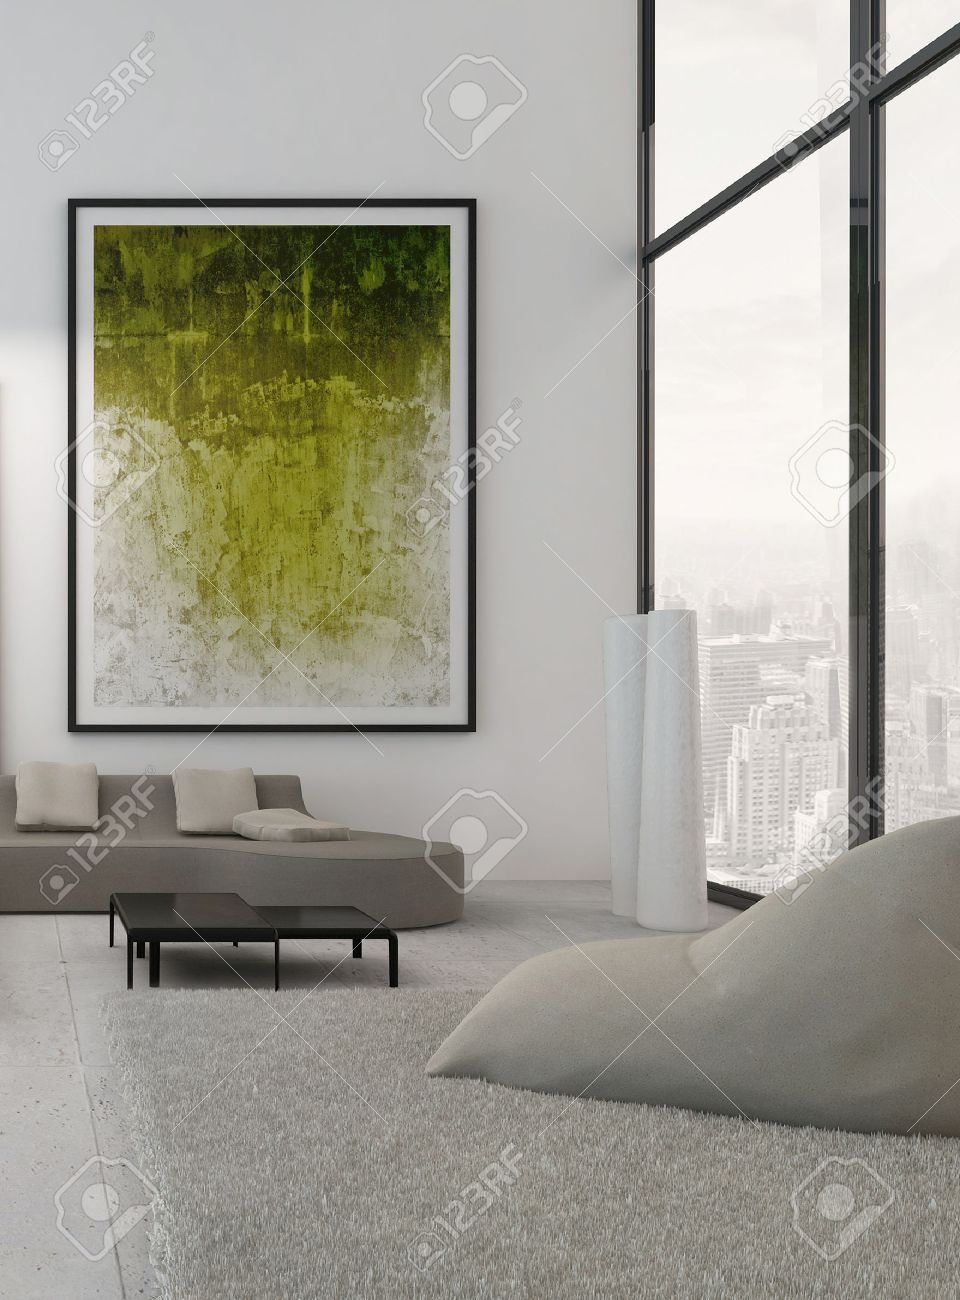 Moderne Wohnzimmer Interieur Mit Grünen Gemälde An Der Wand ...